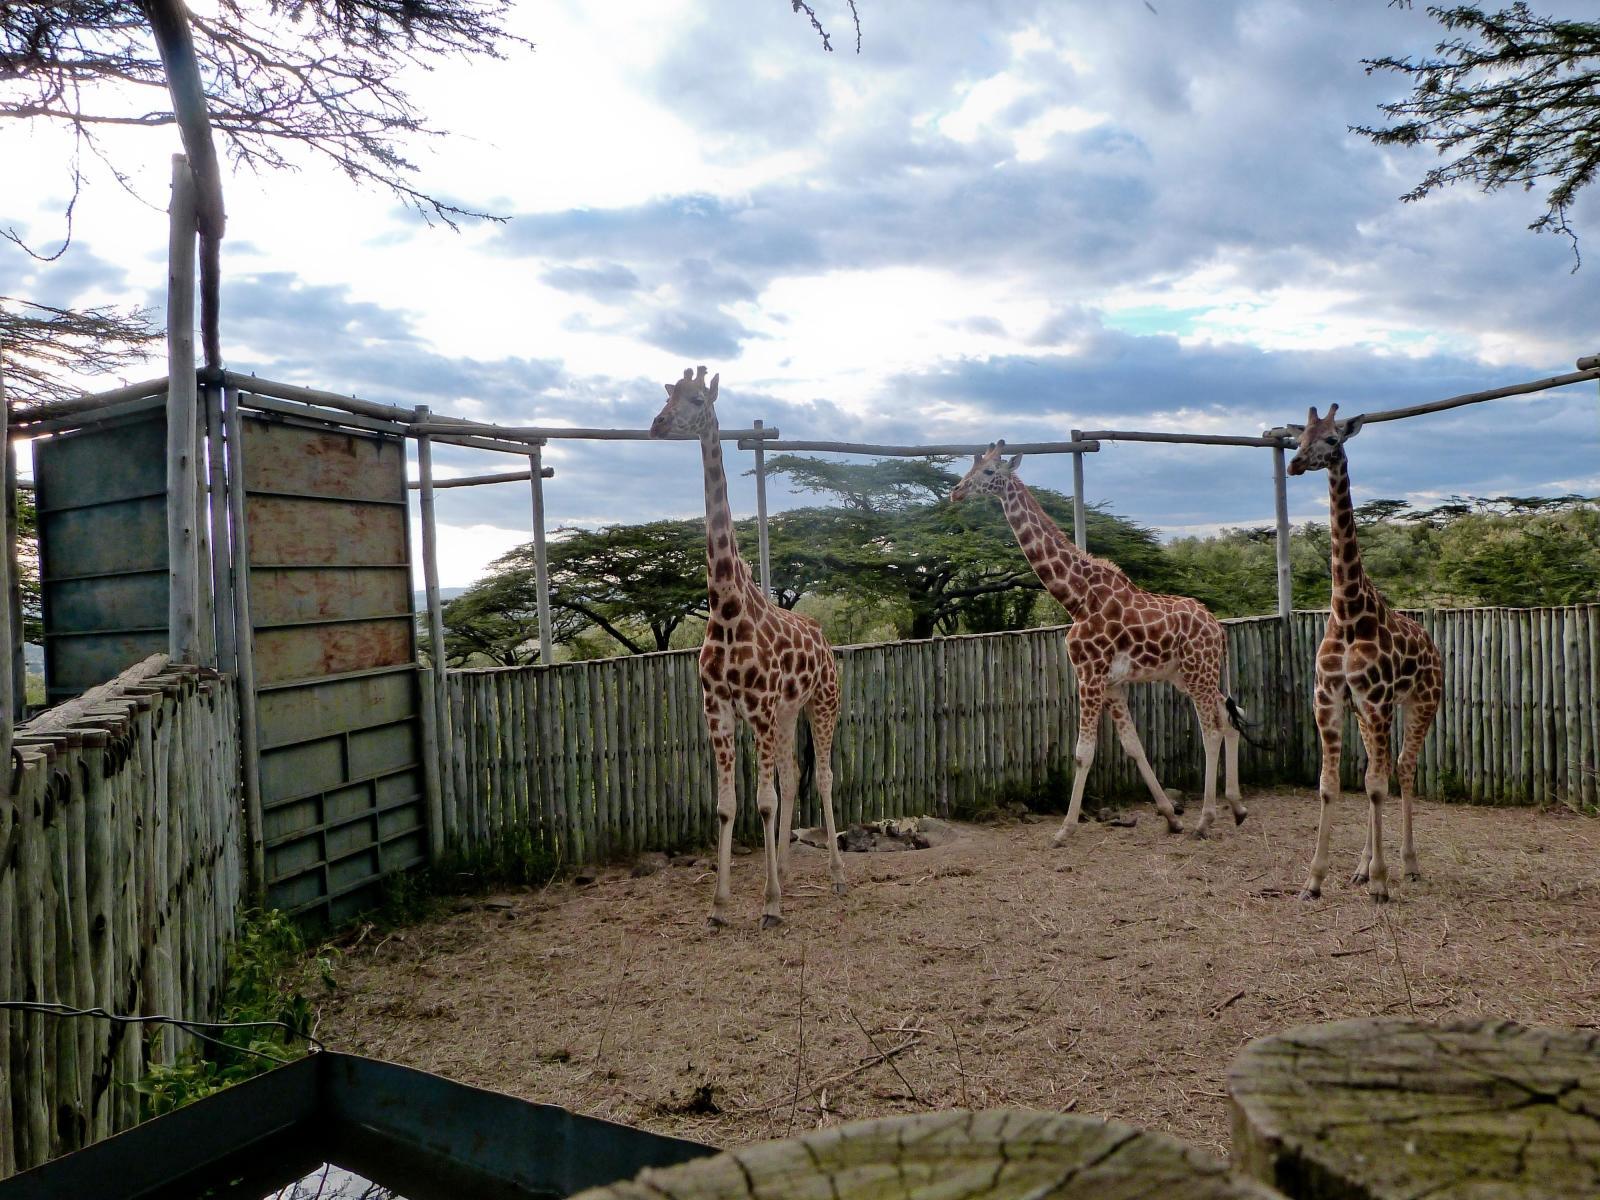 Koen B in Kenia